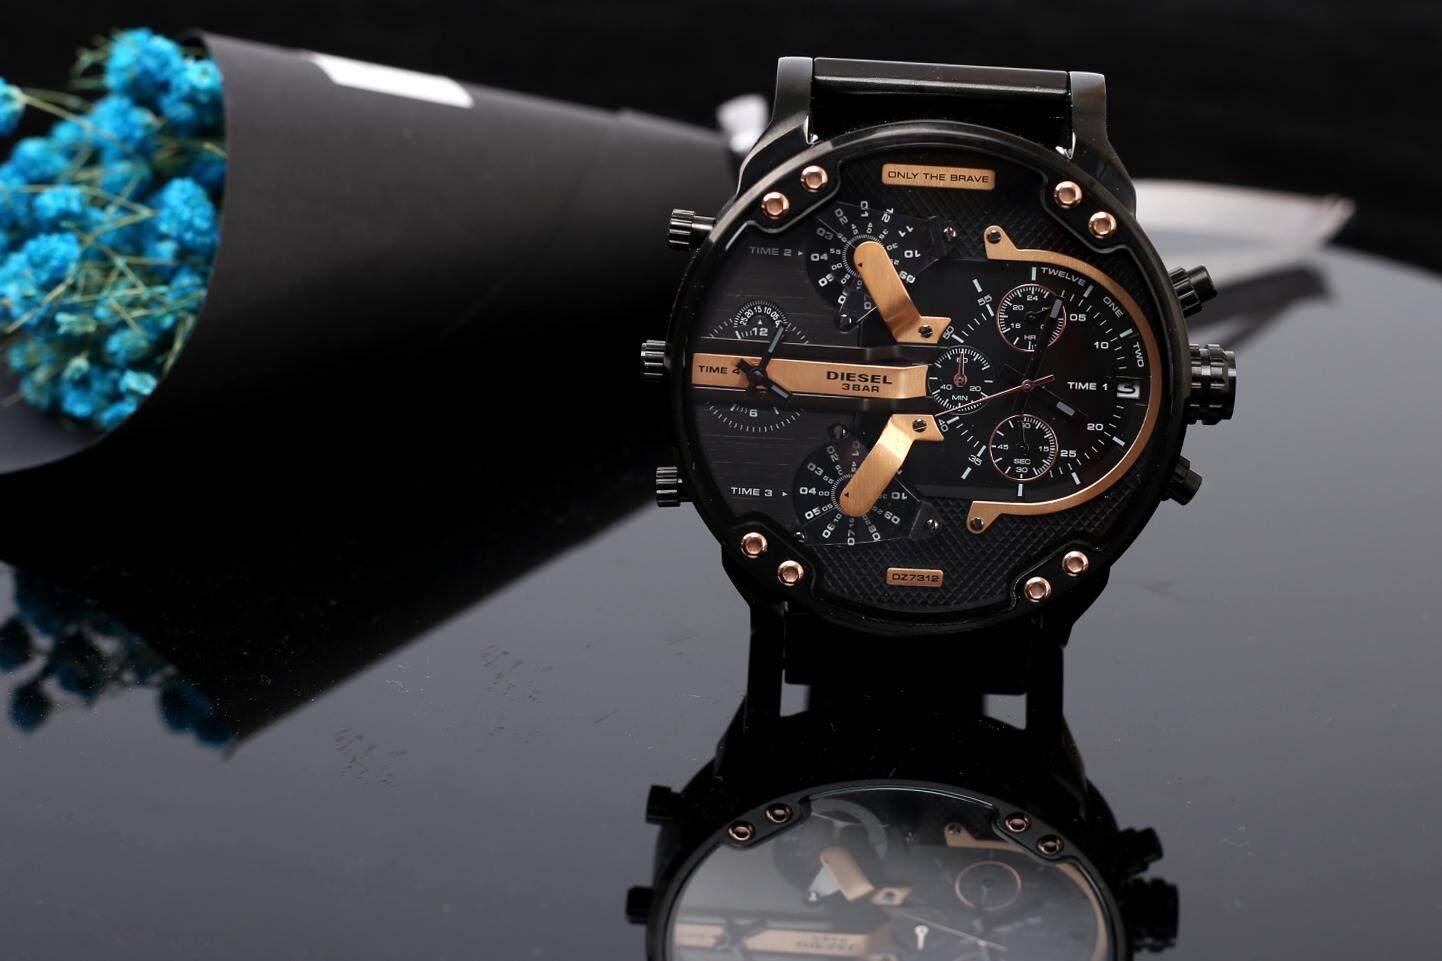 ยี่ห้อนี้ดีไหม  สตูล สินค้าของแท้ 100% กันน้ำดีเซลนาฬิกาผู้ชายสไตล์ใหม่! รุ่นสำหรับทหาร. สาม - Eye นาฬิกาจับเวลา Mineral Toughened แก้วกระจกญี่ปุ่นควอตซ์ Core. สายเรซิน